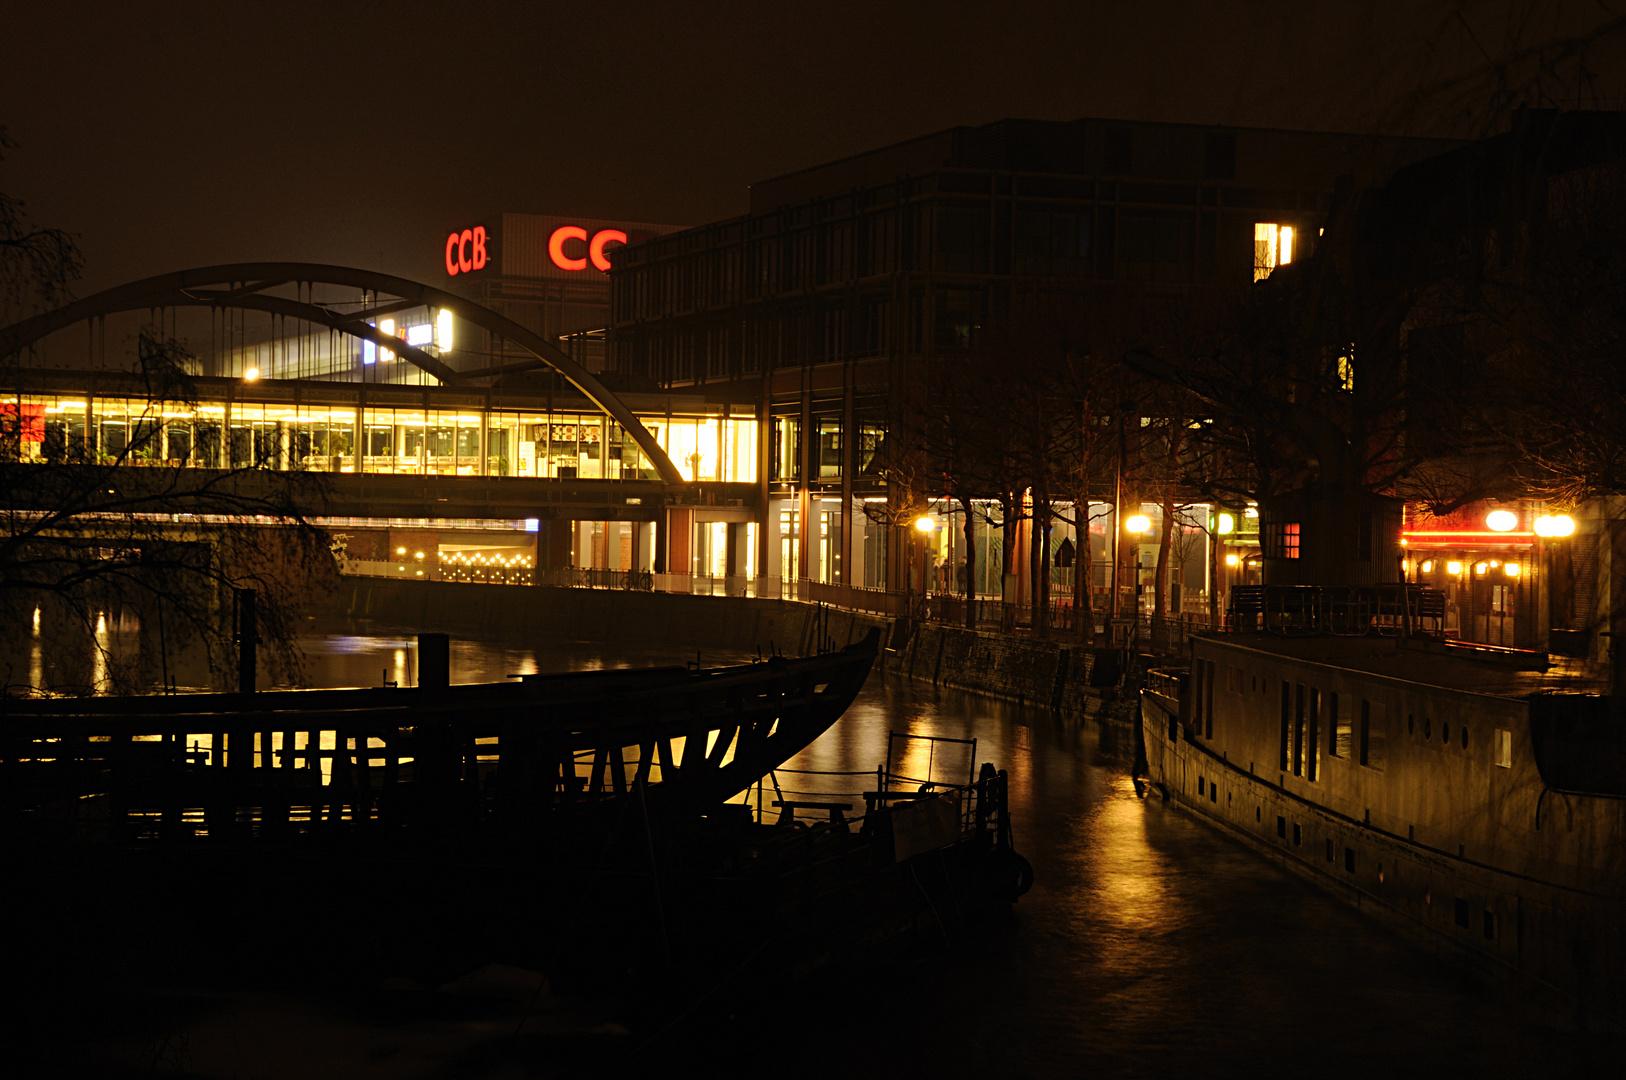 Das CCB bei Nacht